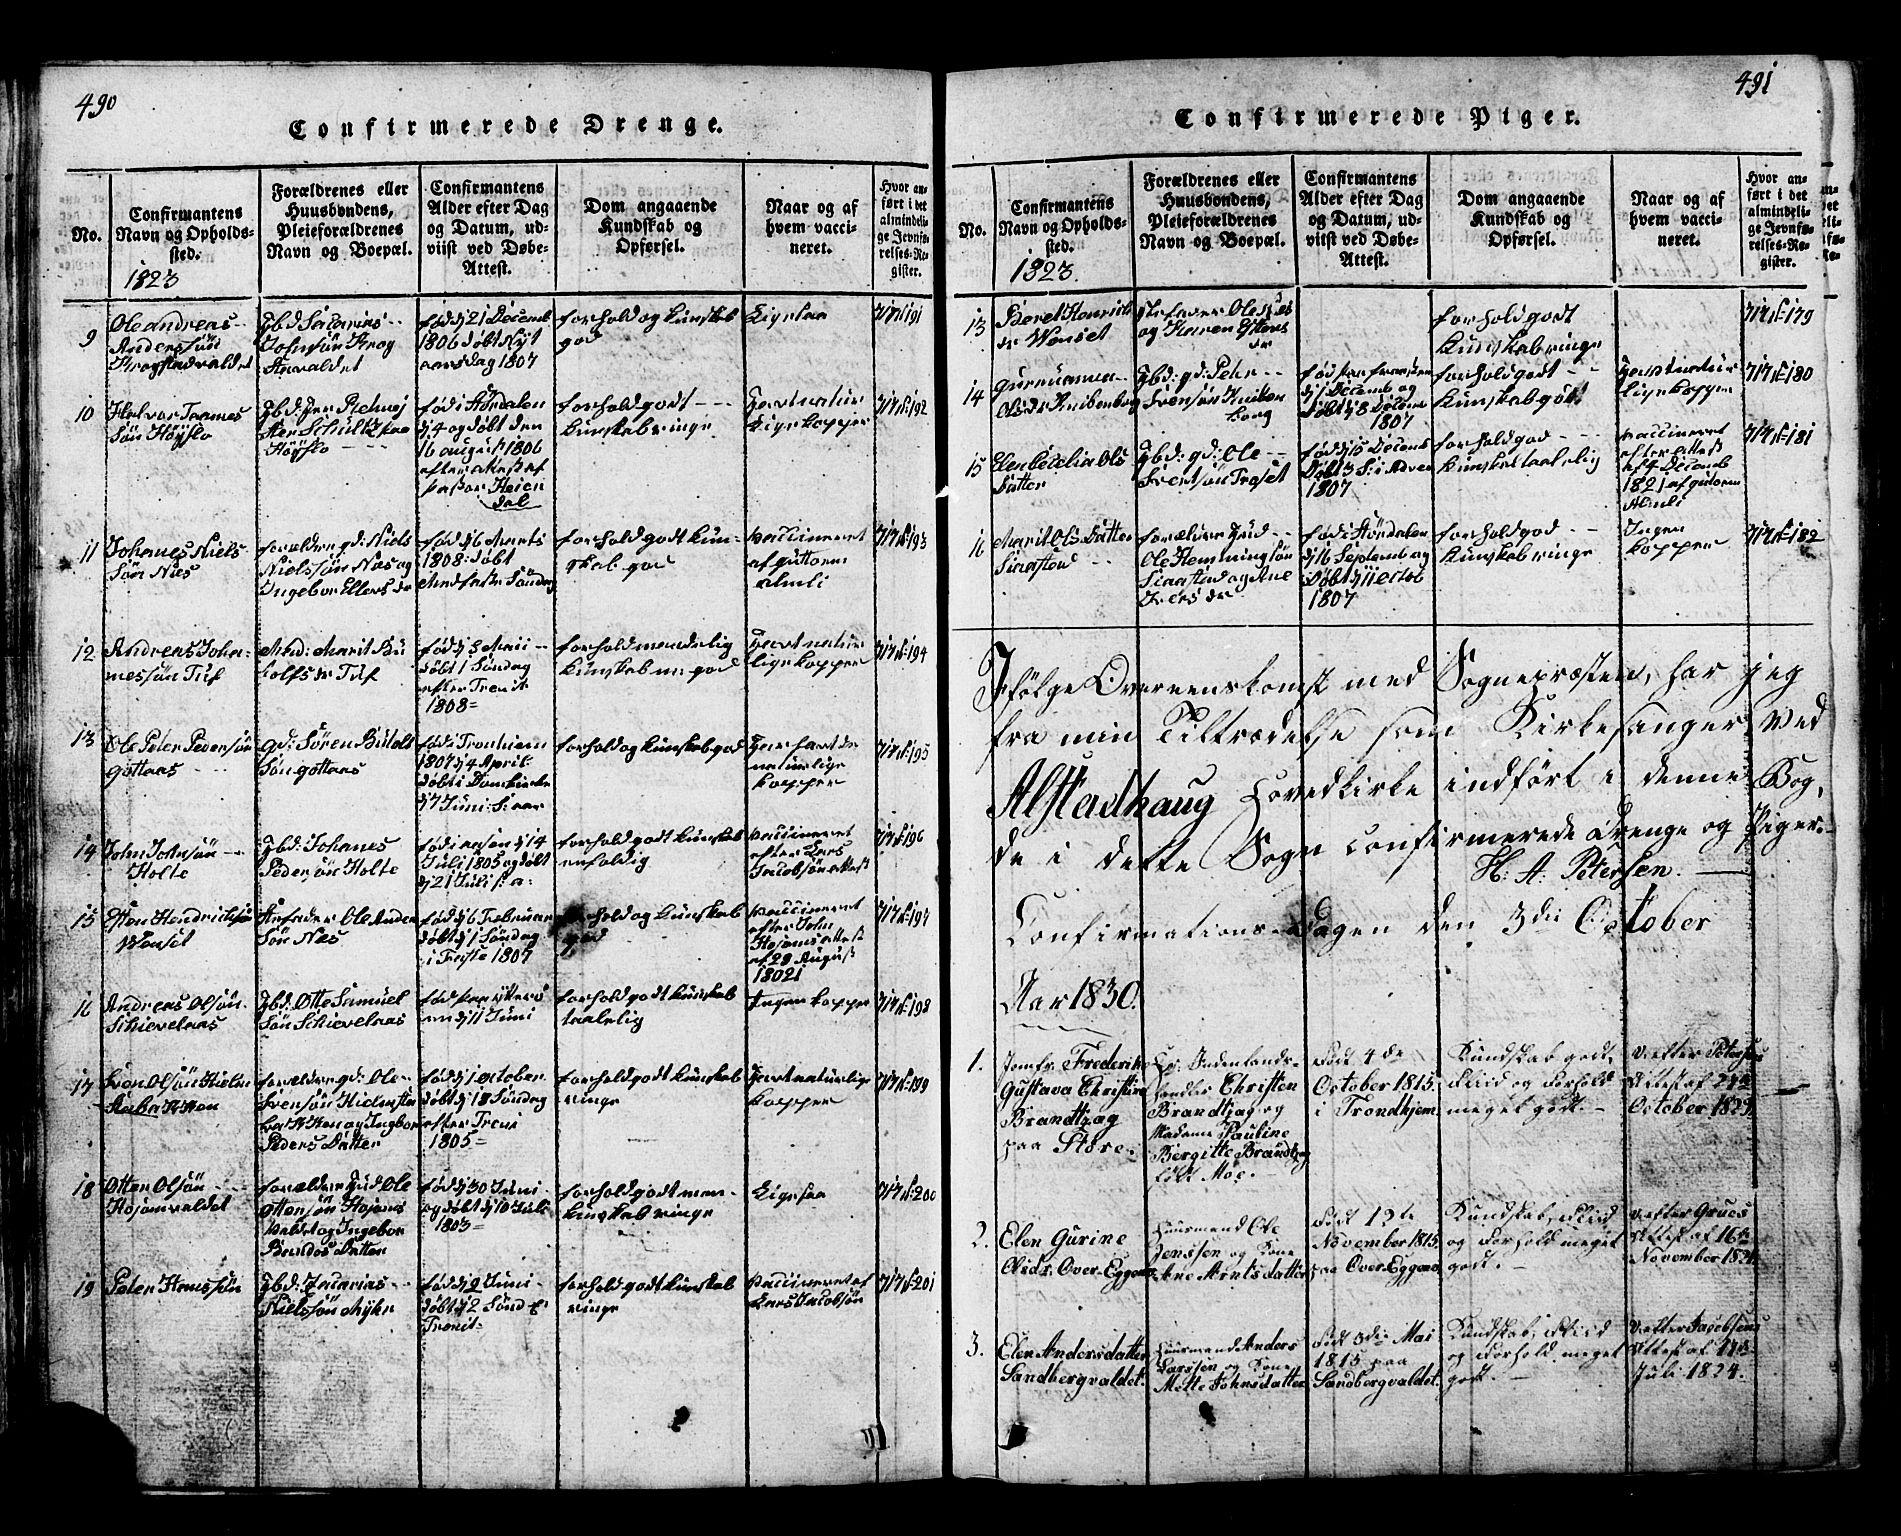 SAT, Ministerialprotokoller, klokkerbøker og fødselsregistre - Nord-Trøndelag, 717/L0169: Klokkerbok nr. 717C01, 1816-1834, s. 490-491